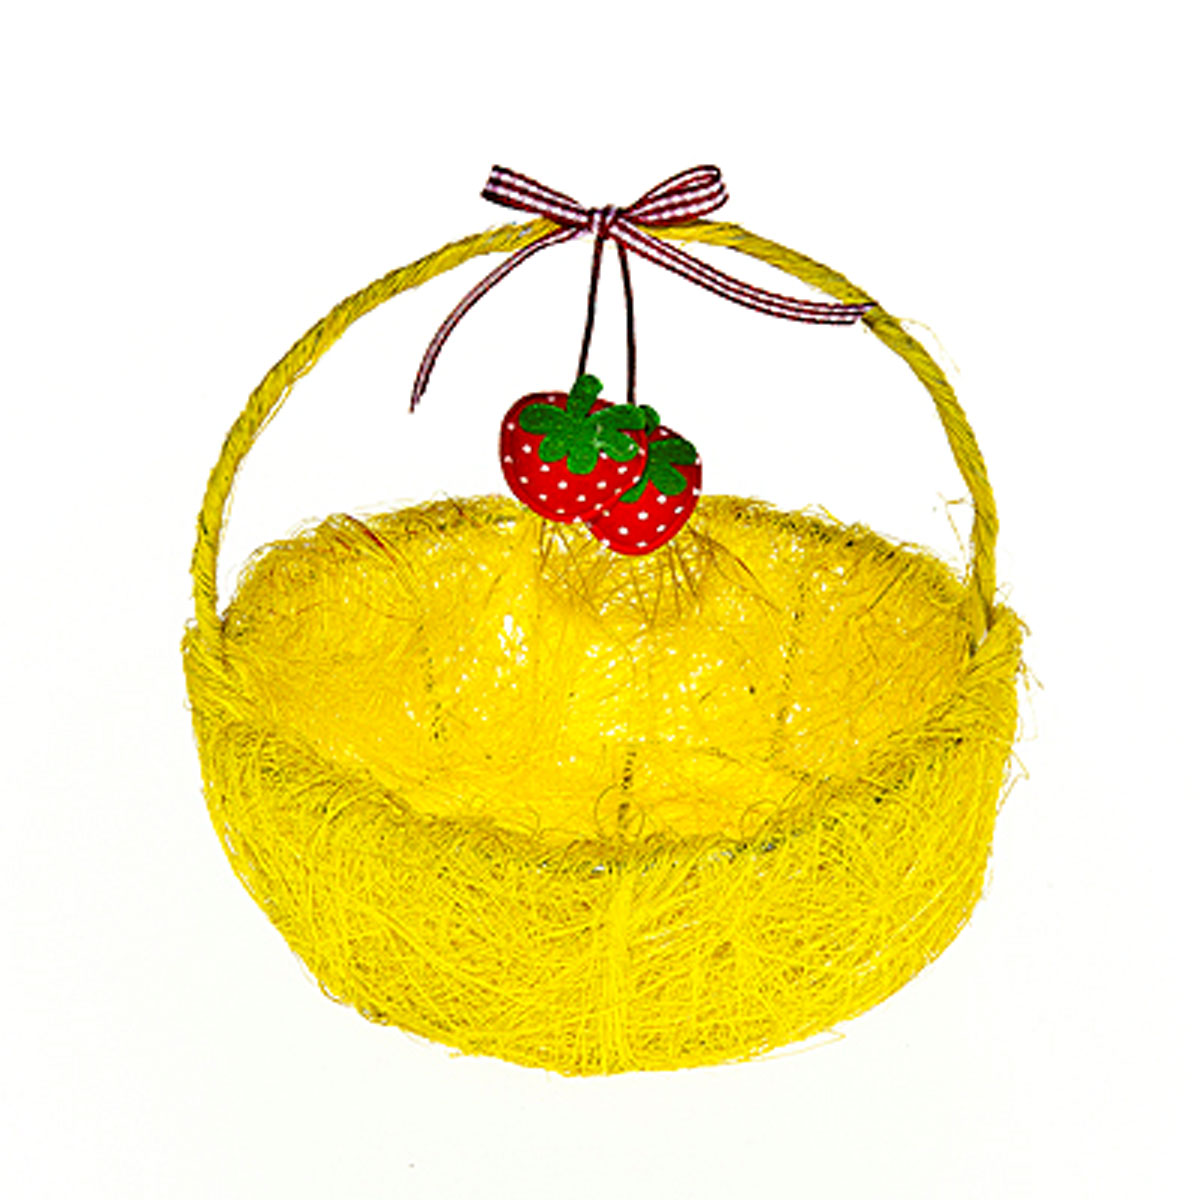 Корзина декоративная Home Queen Ягоды, цвет: желтый, 14 см х 13 см х 5 смC0042416Декоративная корзина Home Queen Ягоды предназначена для хранения различных мелочей и аксессуаров. Изделие имеет металлический каркас, обтянутый нитями из полиэстера. Корзина оснащена удобной ручкой и декорирована подвесным украшением в виде текстильных ягод с бантиком.Такая корзина станет оригинальным и необычным подарком или украшением интерьера. Размер корзины: 14 см х 13 см х 5 см.Диаметр дна: 10 см.Высота ручки: 10 см.